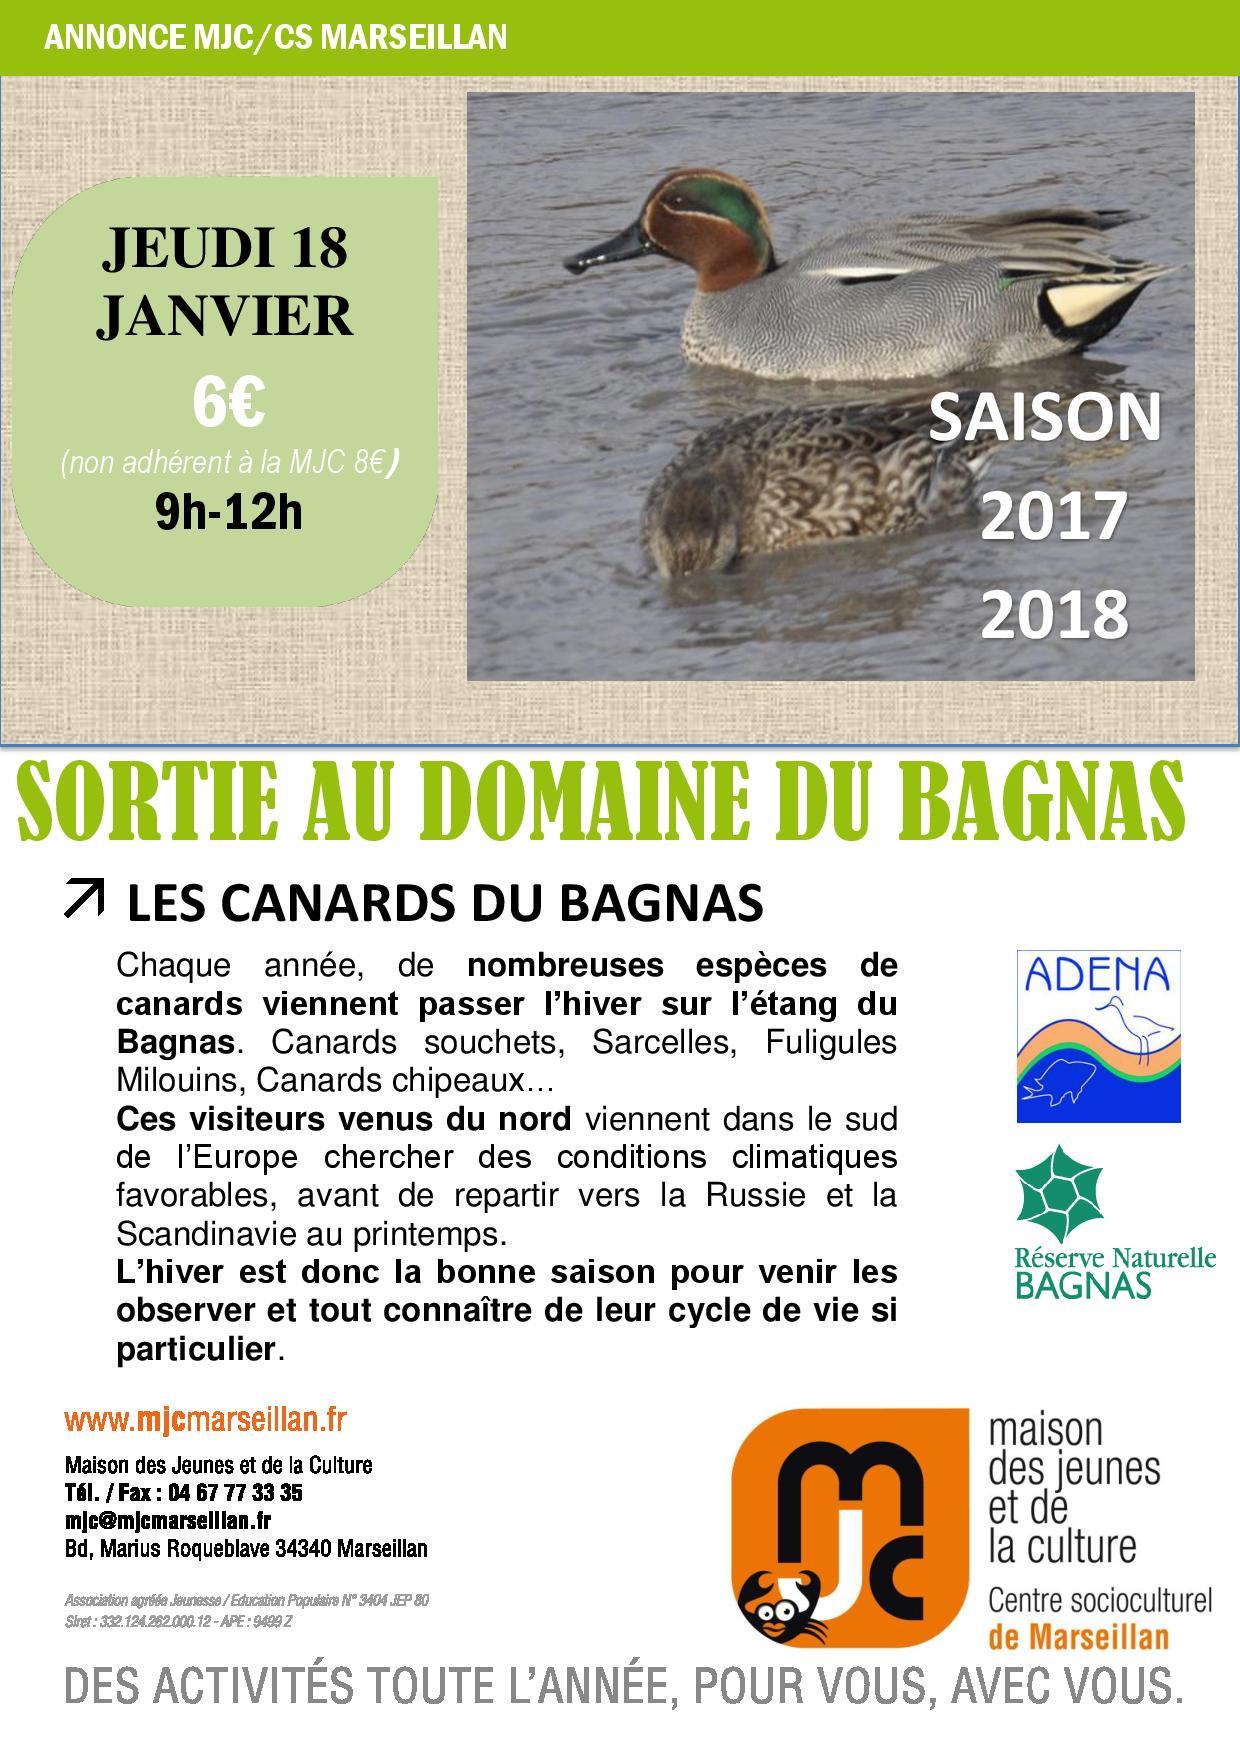 Jeudi 18 janvier 2018 : sortie au domaine du Bagnas